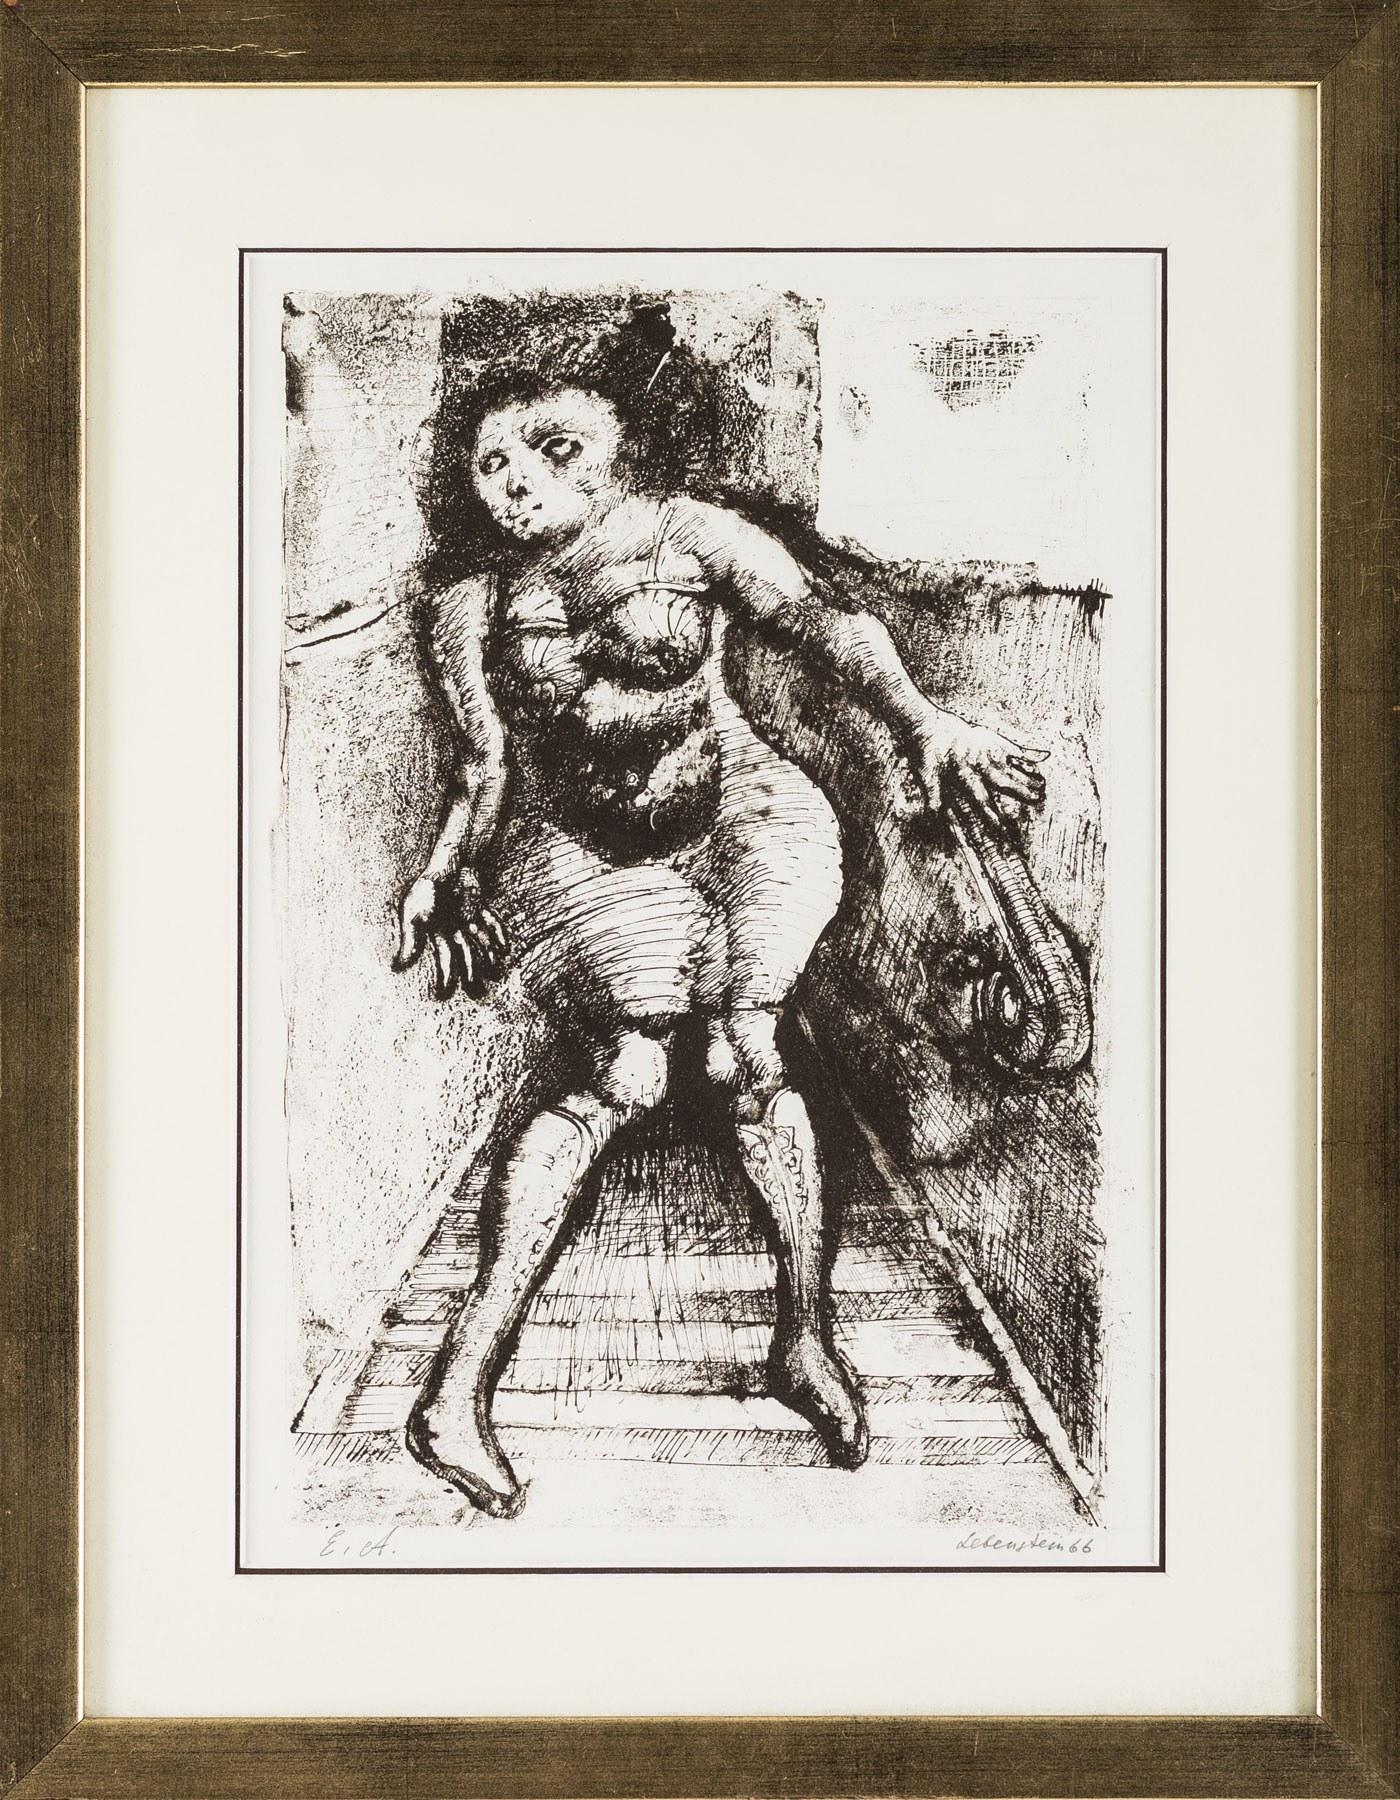 Jan Lebenstein, Corps propre (Ciało własne), 1966